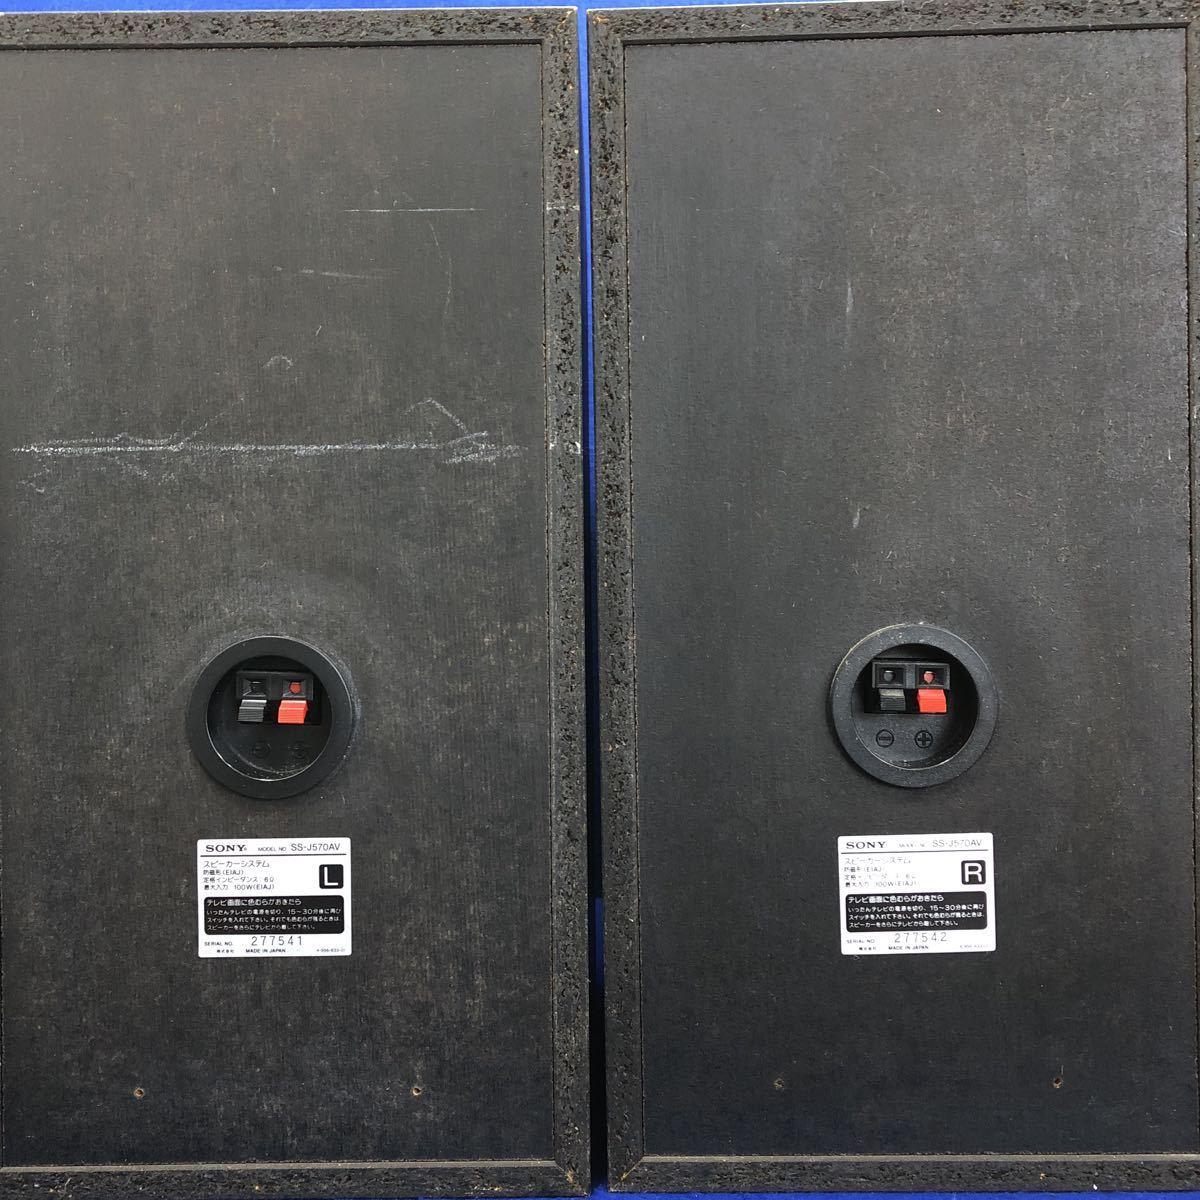 中古★ソニー SONY スピーカーシステム SS-J570AV ペア 動作確認済み_画像6